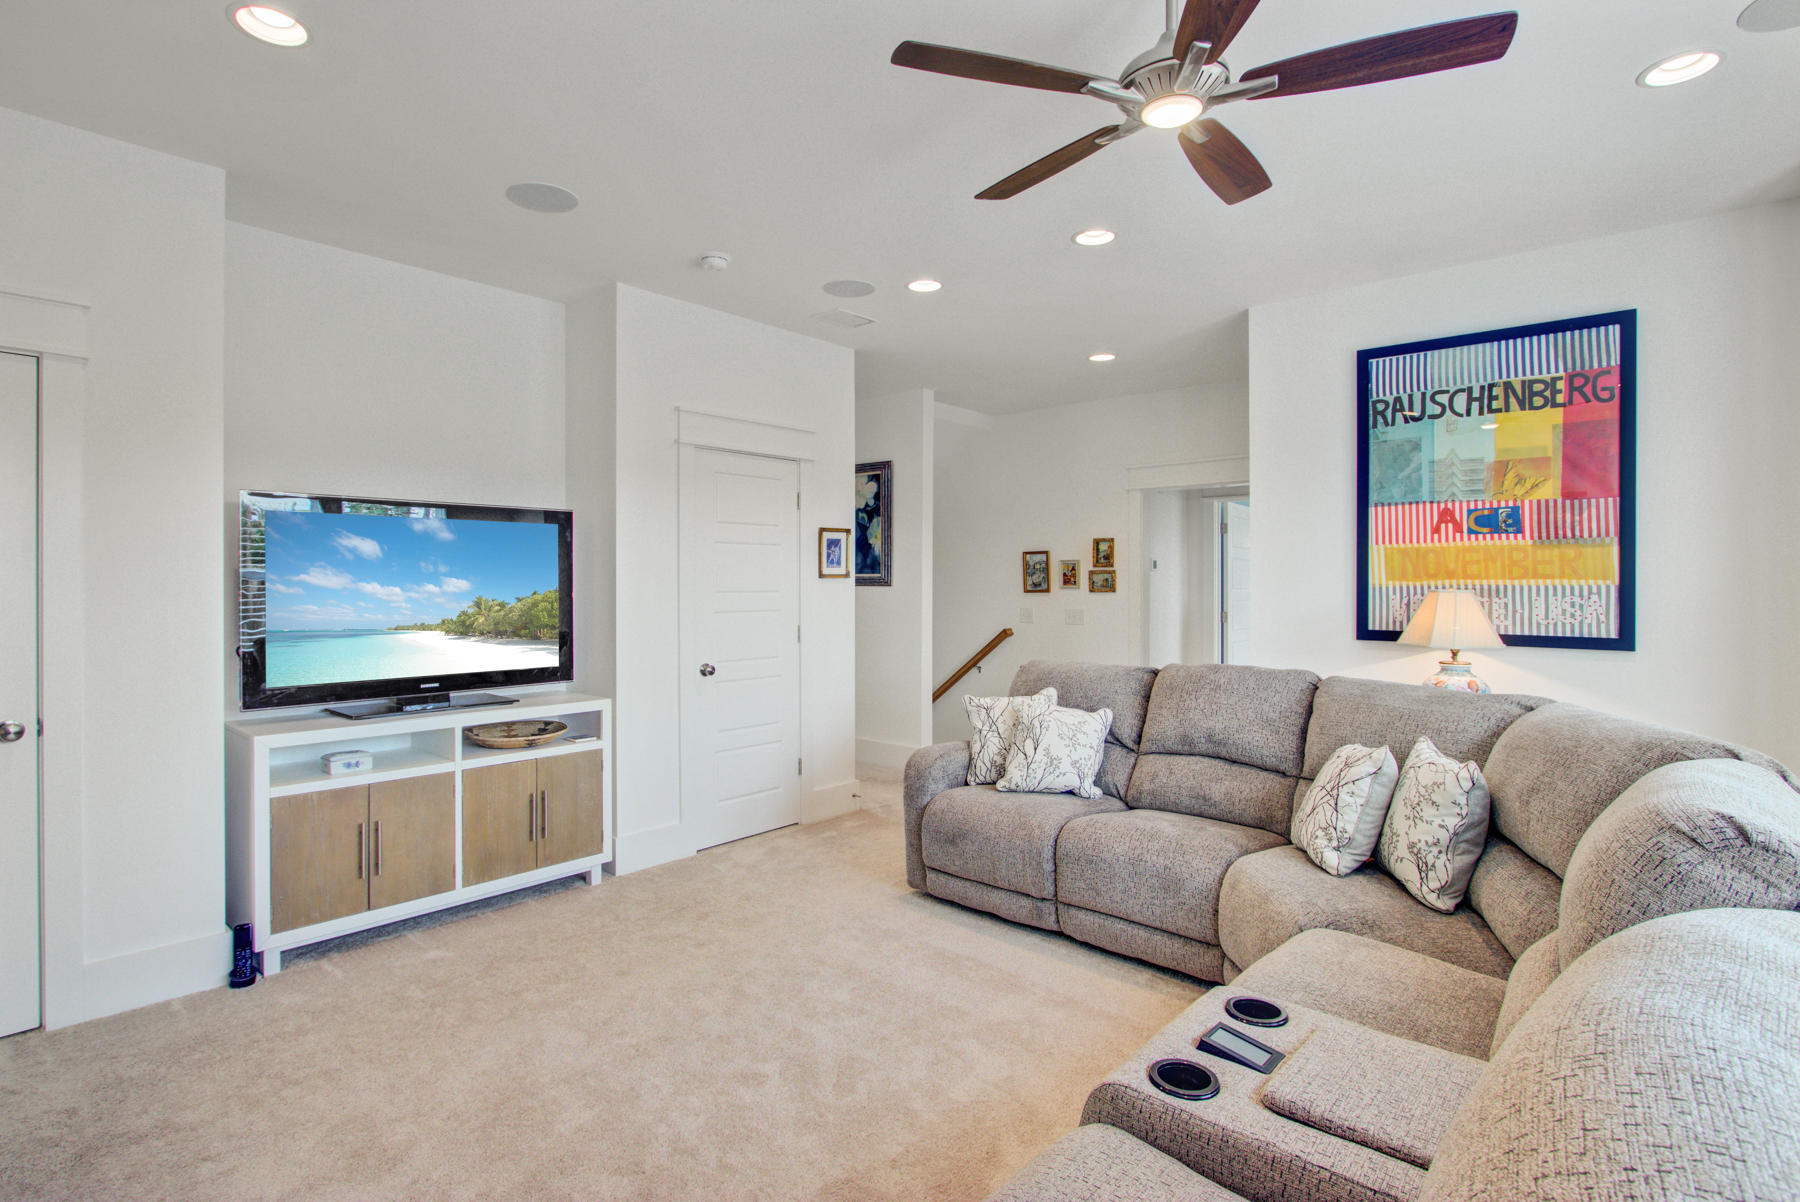 Dunes West Homes For Sale - 2984 Yachtsman, Mount Pleasant, SC - 69